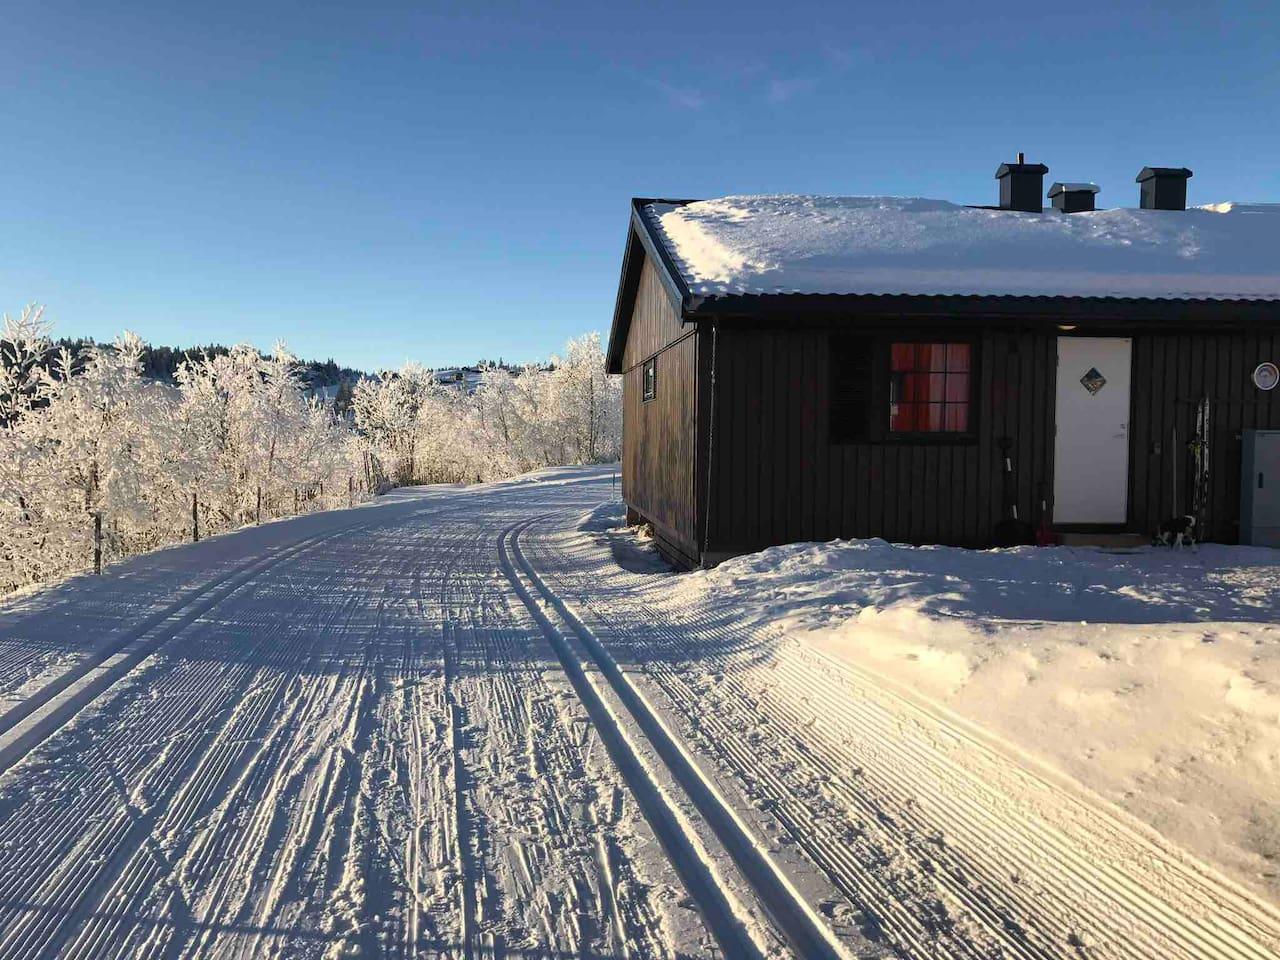 Hytteveggen og skisporet.  Kommer ikke nærmere skisporet enn dette! Ski through :-)